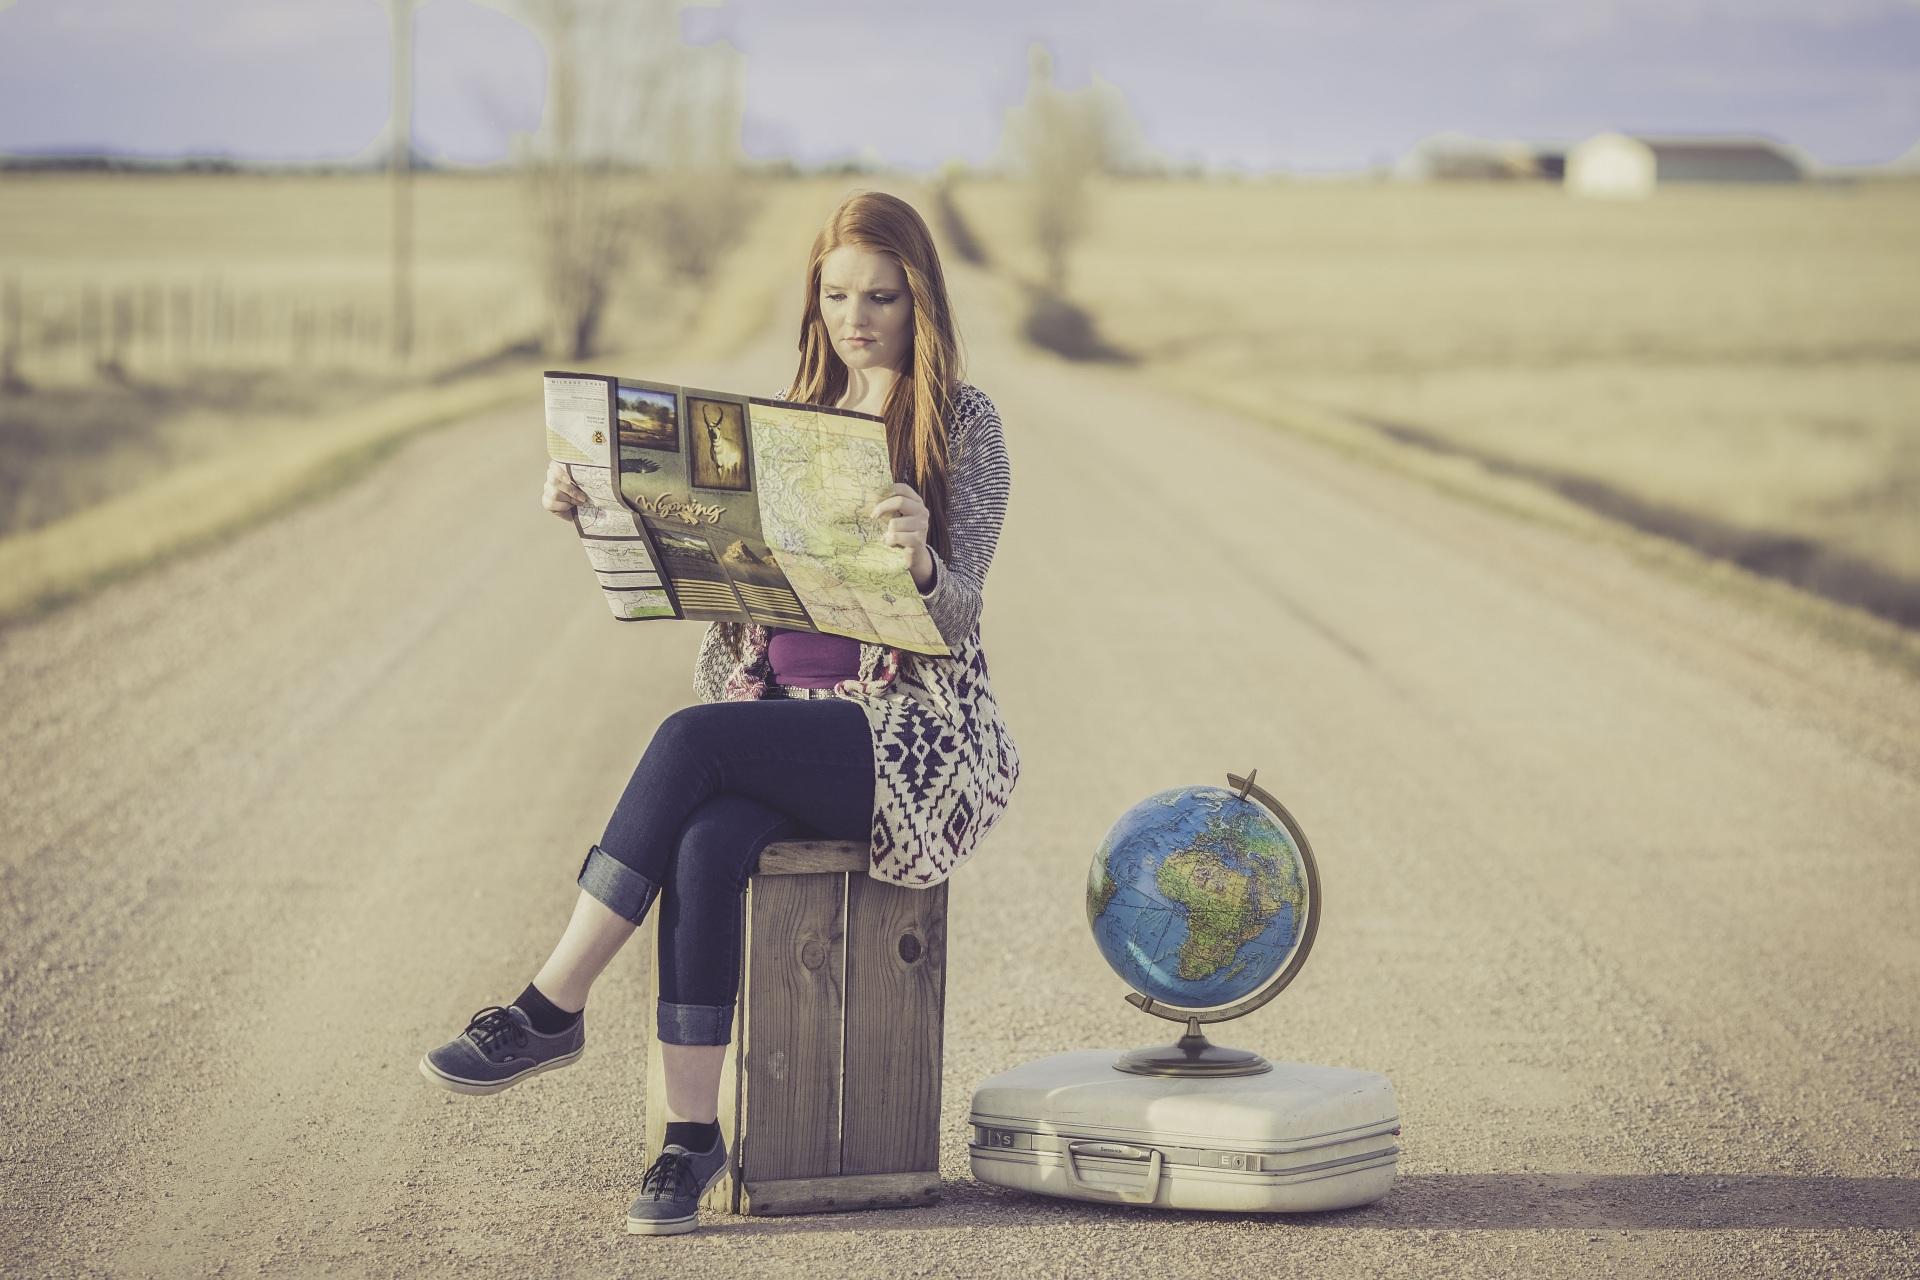 Bilder von Mädchens Globus Reisender Koffer Straße sitzen 1920x1280 junge frau junge Frauen Tourist Wege sitzt Sitzend